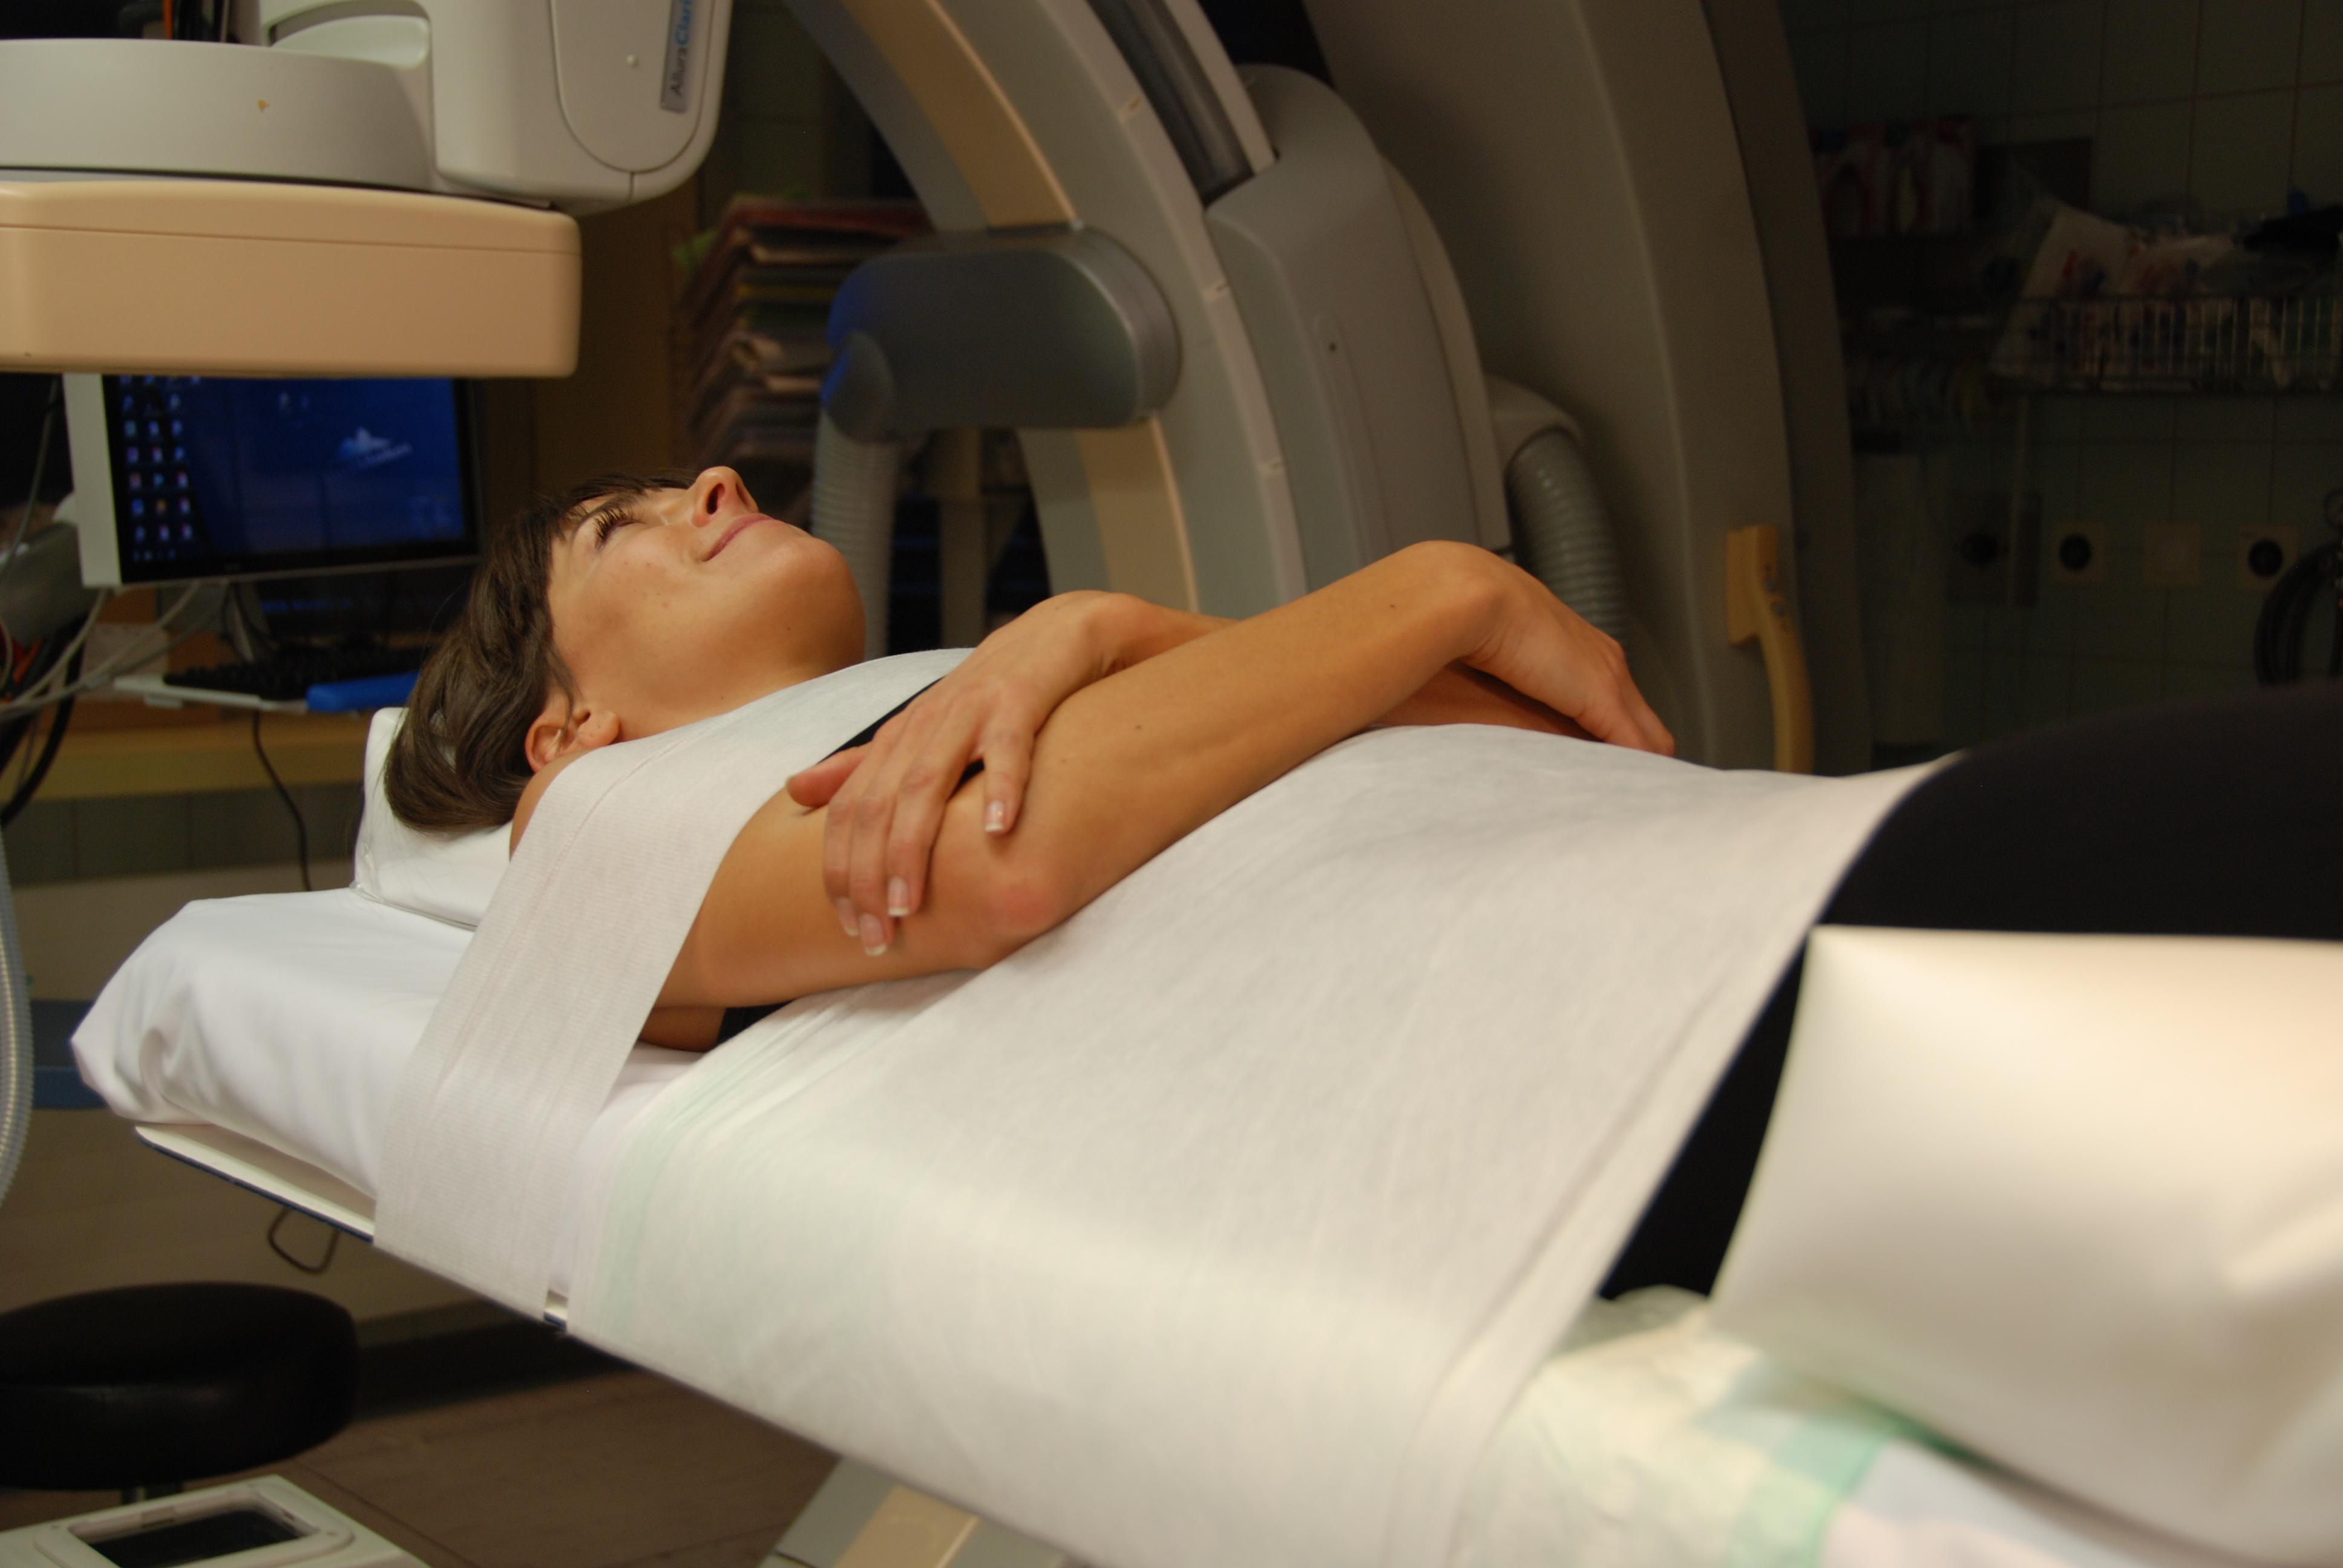 Patient auf Untersuchungstisch fixiert mit PearlFit und iFIX für Intervention